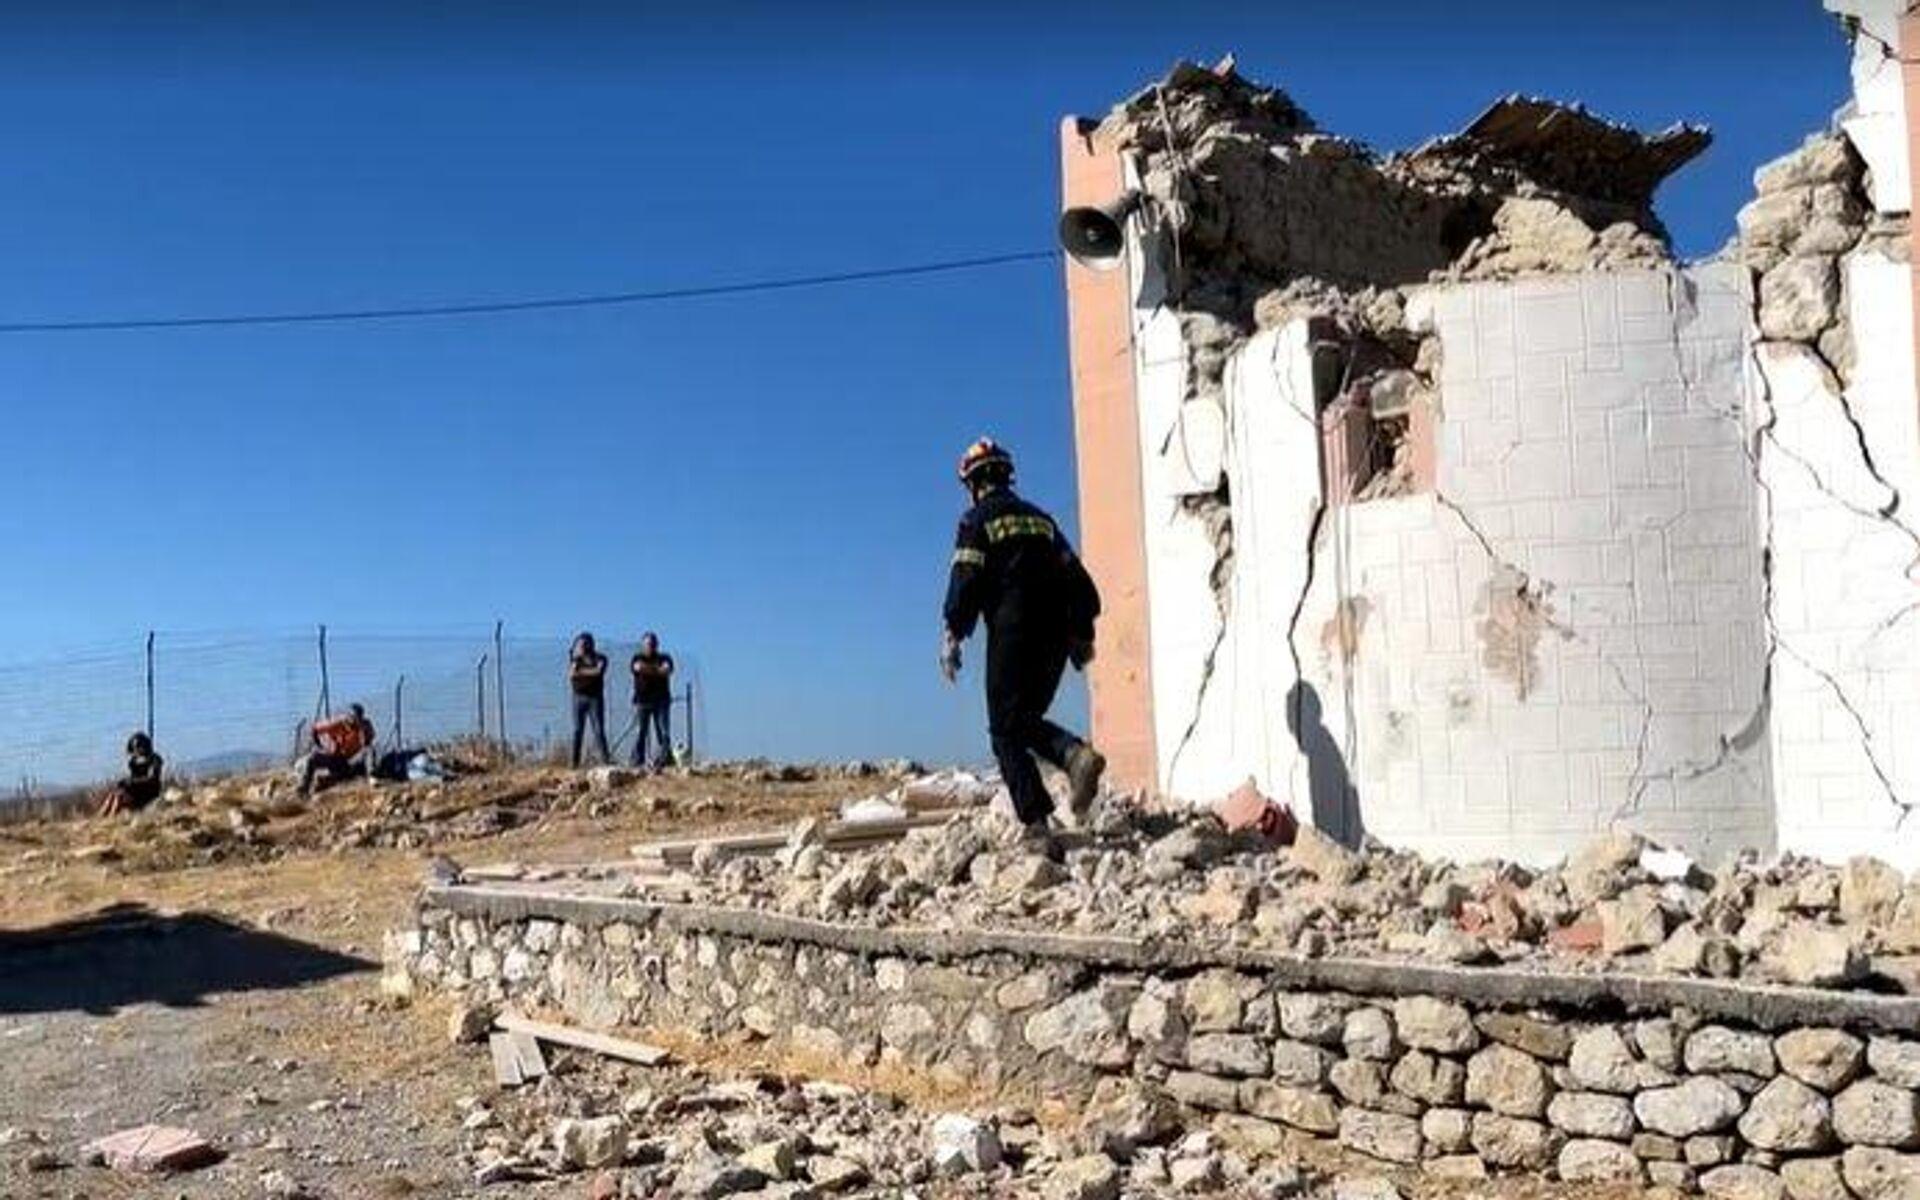 Το εκκλησάκι του Προφήτη Ηλία όπου βρέθηκε νεκρός ένας εργάτης - Sputnik Ελλάδα, 1920, 28.09.2021